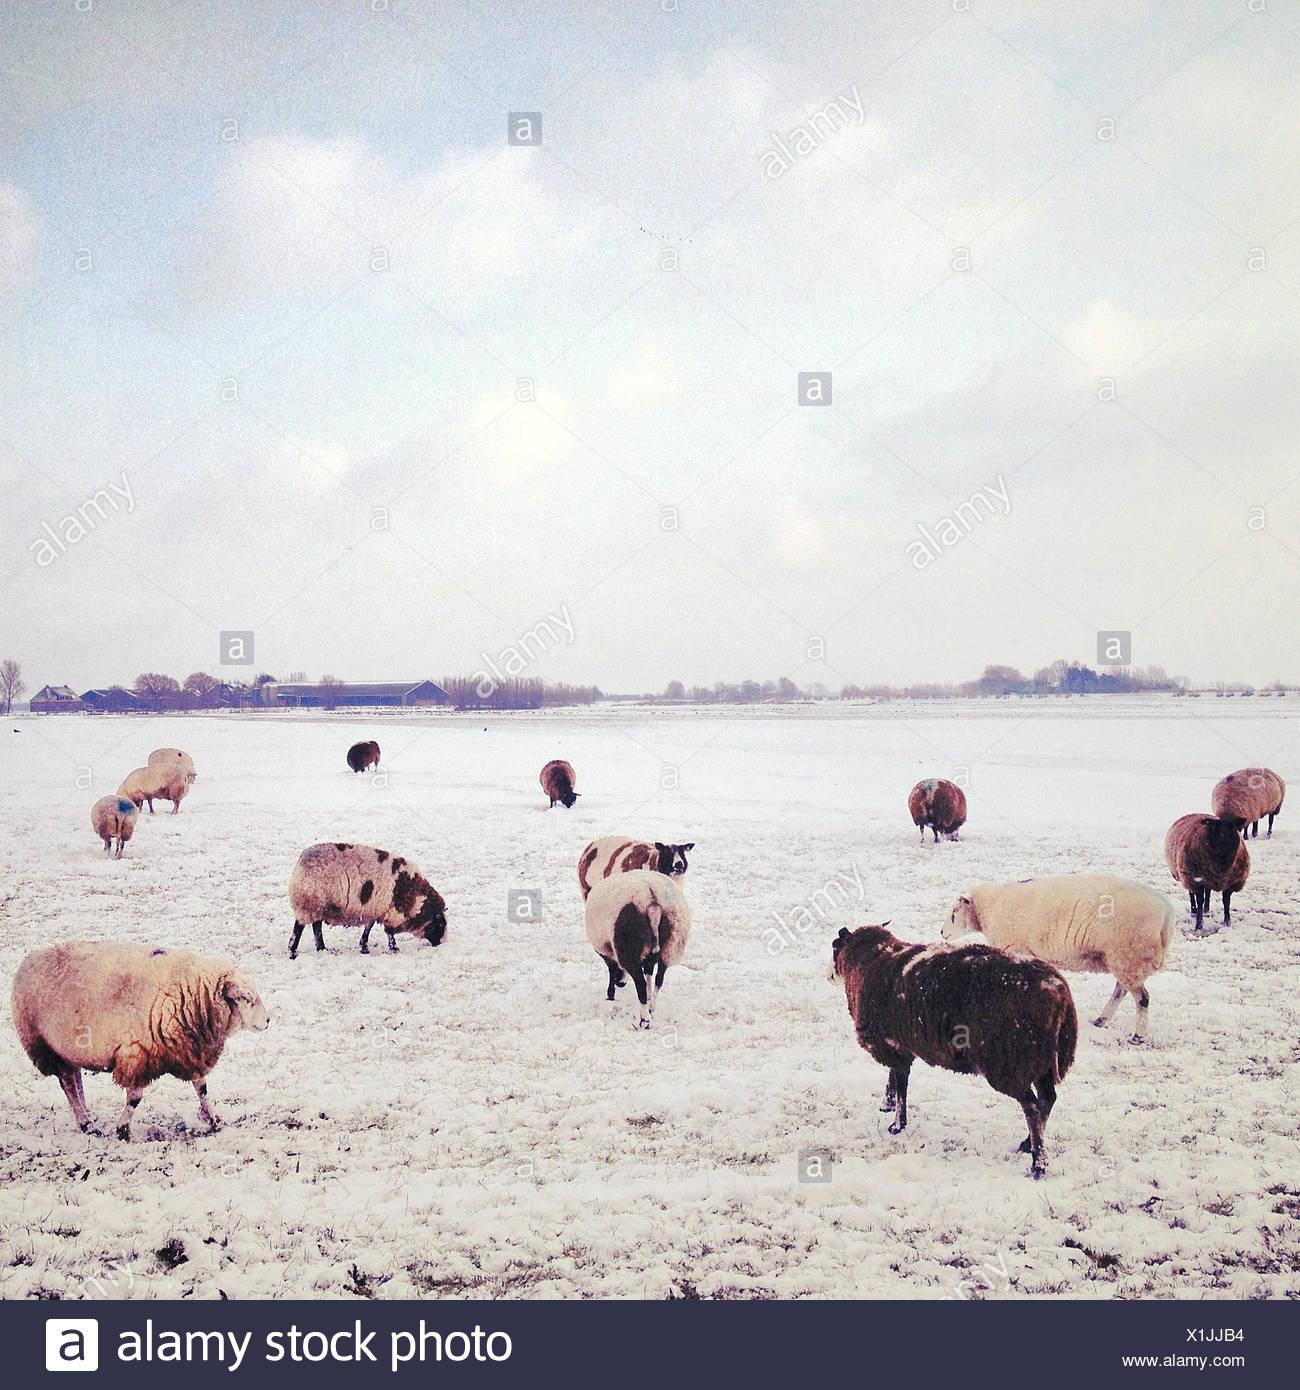 Flock of sheep at pasture at winter - Stock Image